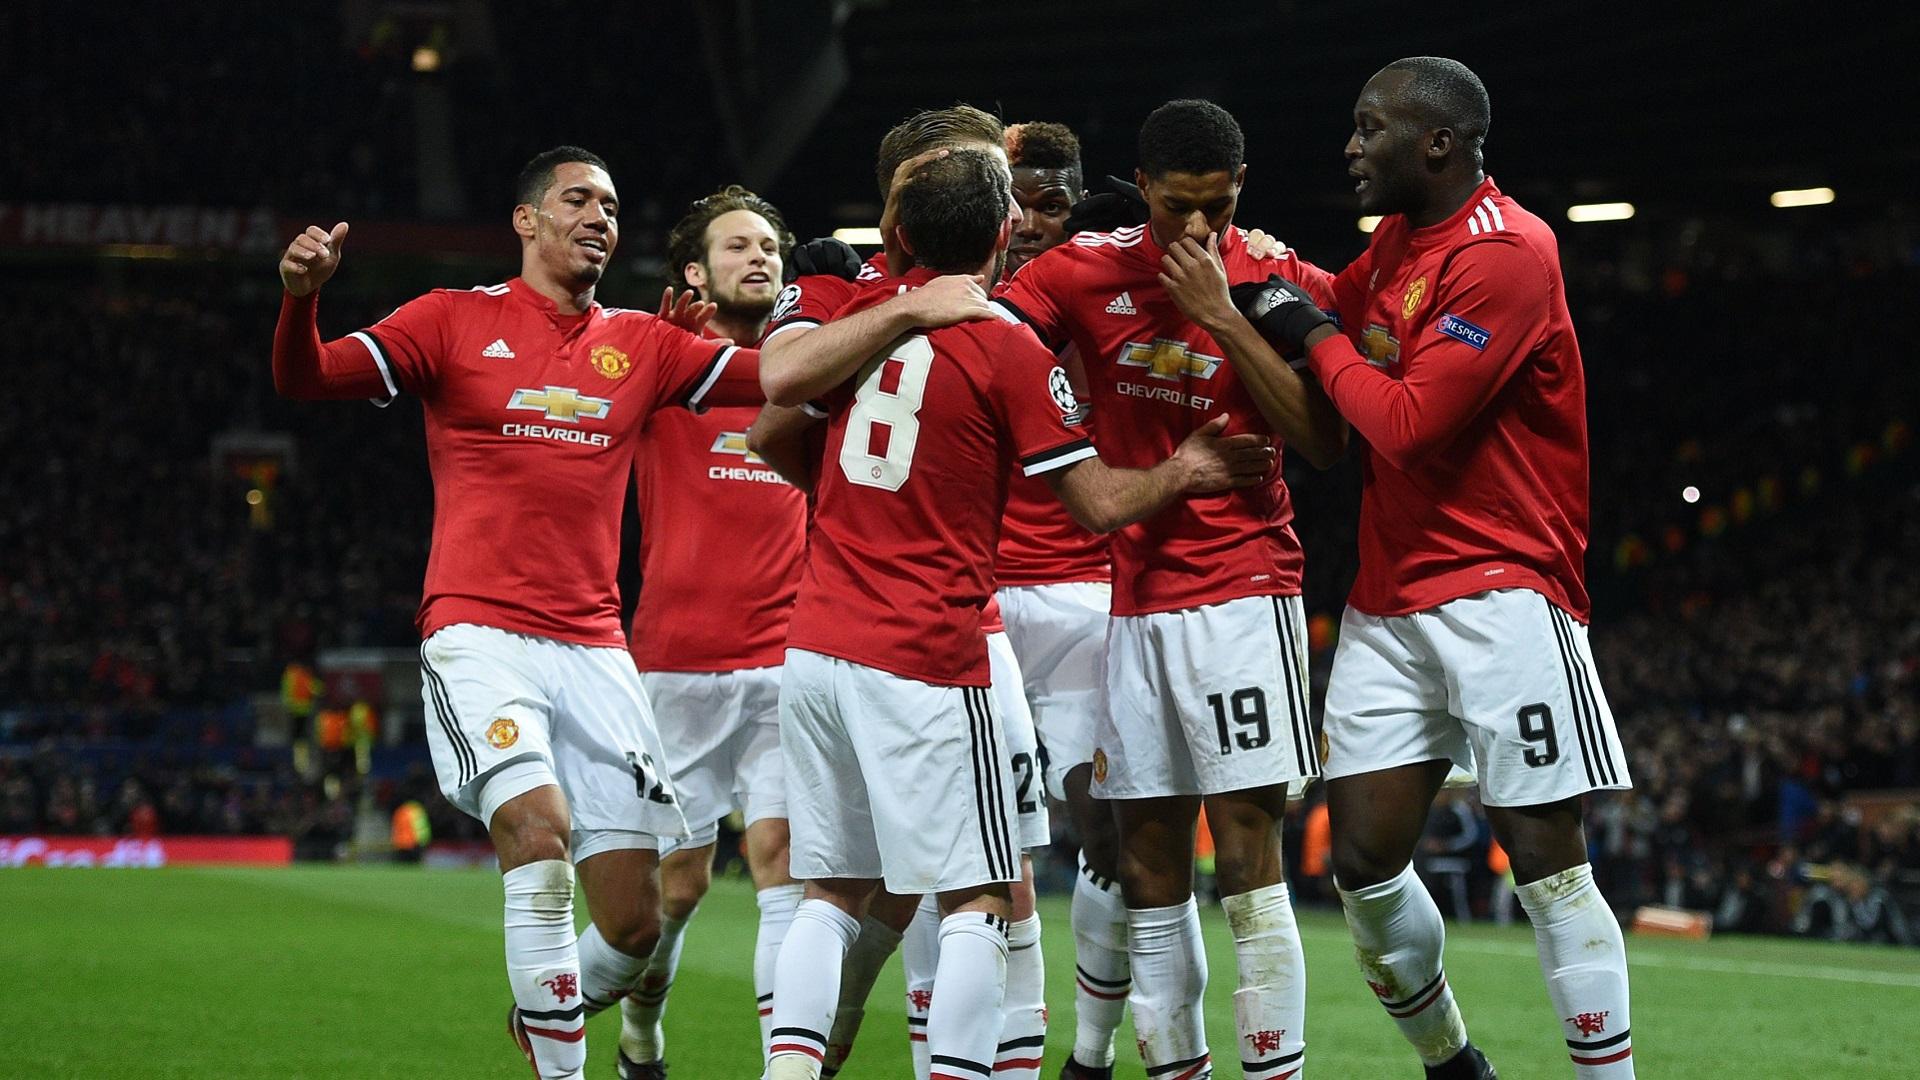 Thấy gì sau khi M.U của Mourinho chính thức đoạt vé vào vòng 1/8 Champions League?